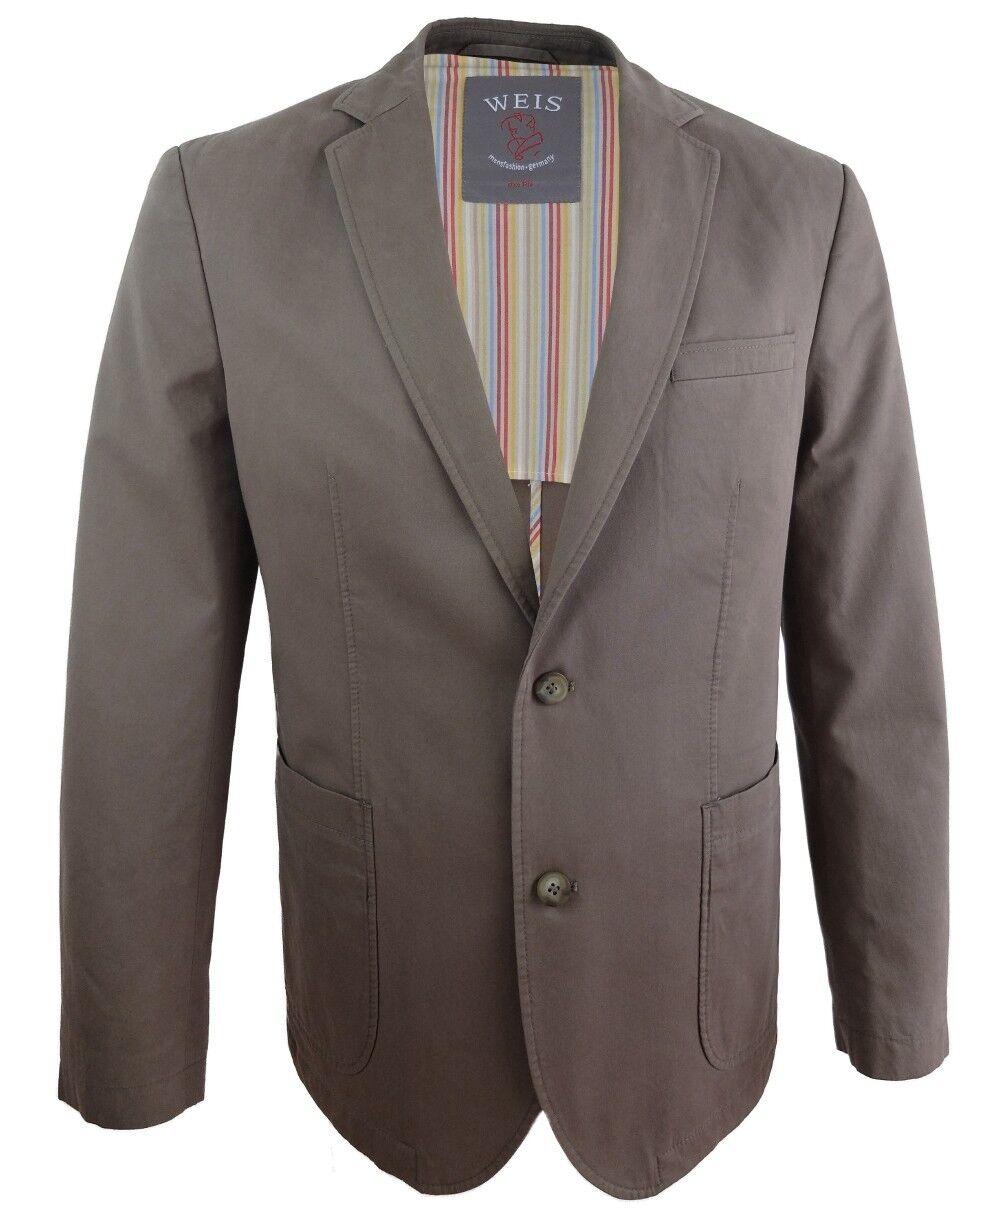 Gebr. Weis Sakko Modern Fashion in schlamm Gr. 50 bis 70 und 28 bis 31 Baumwolle